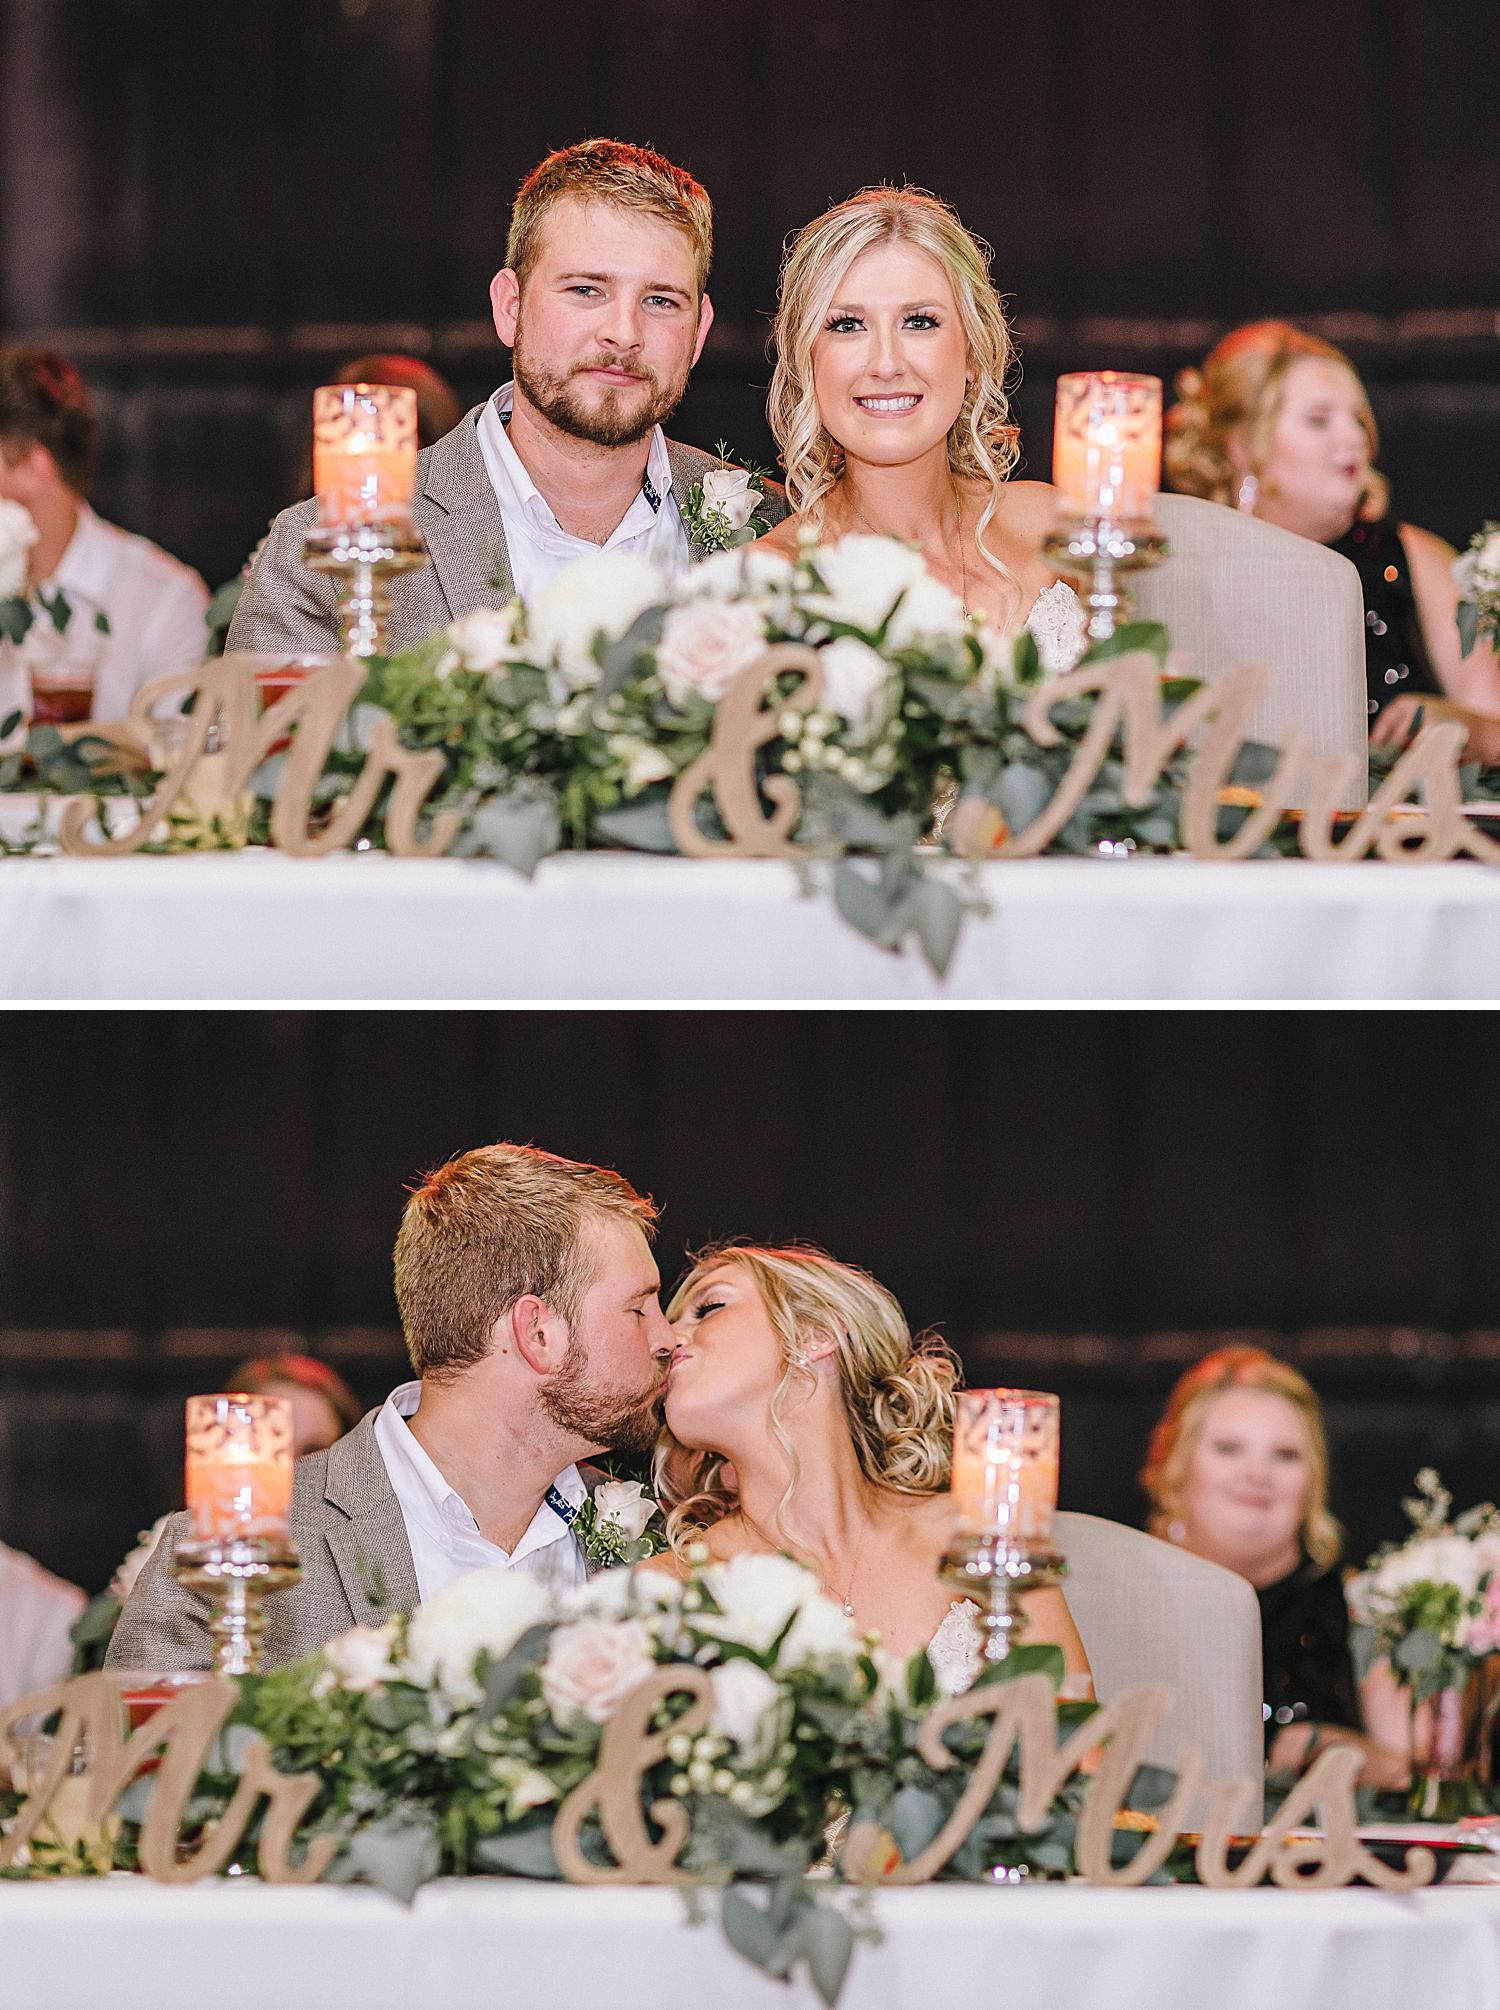 Rackler-Ranch-LaVernia-Texas-Wedding-Carly-Barton-Photography_0114.jpg